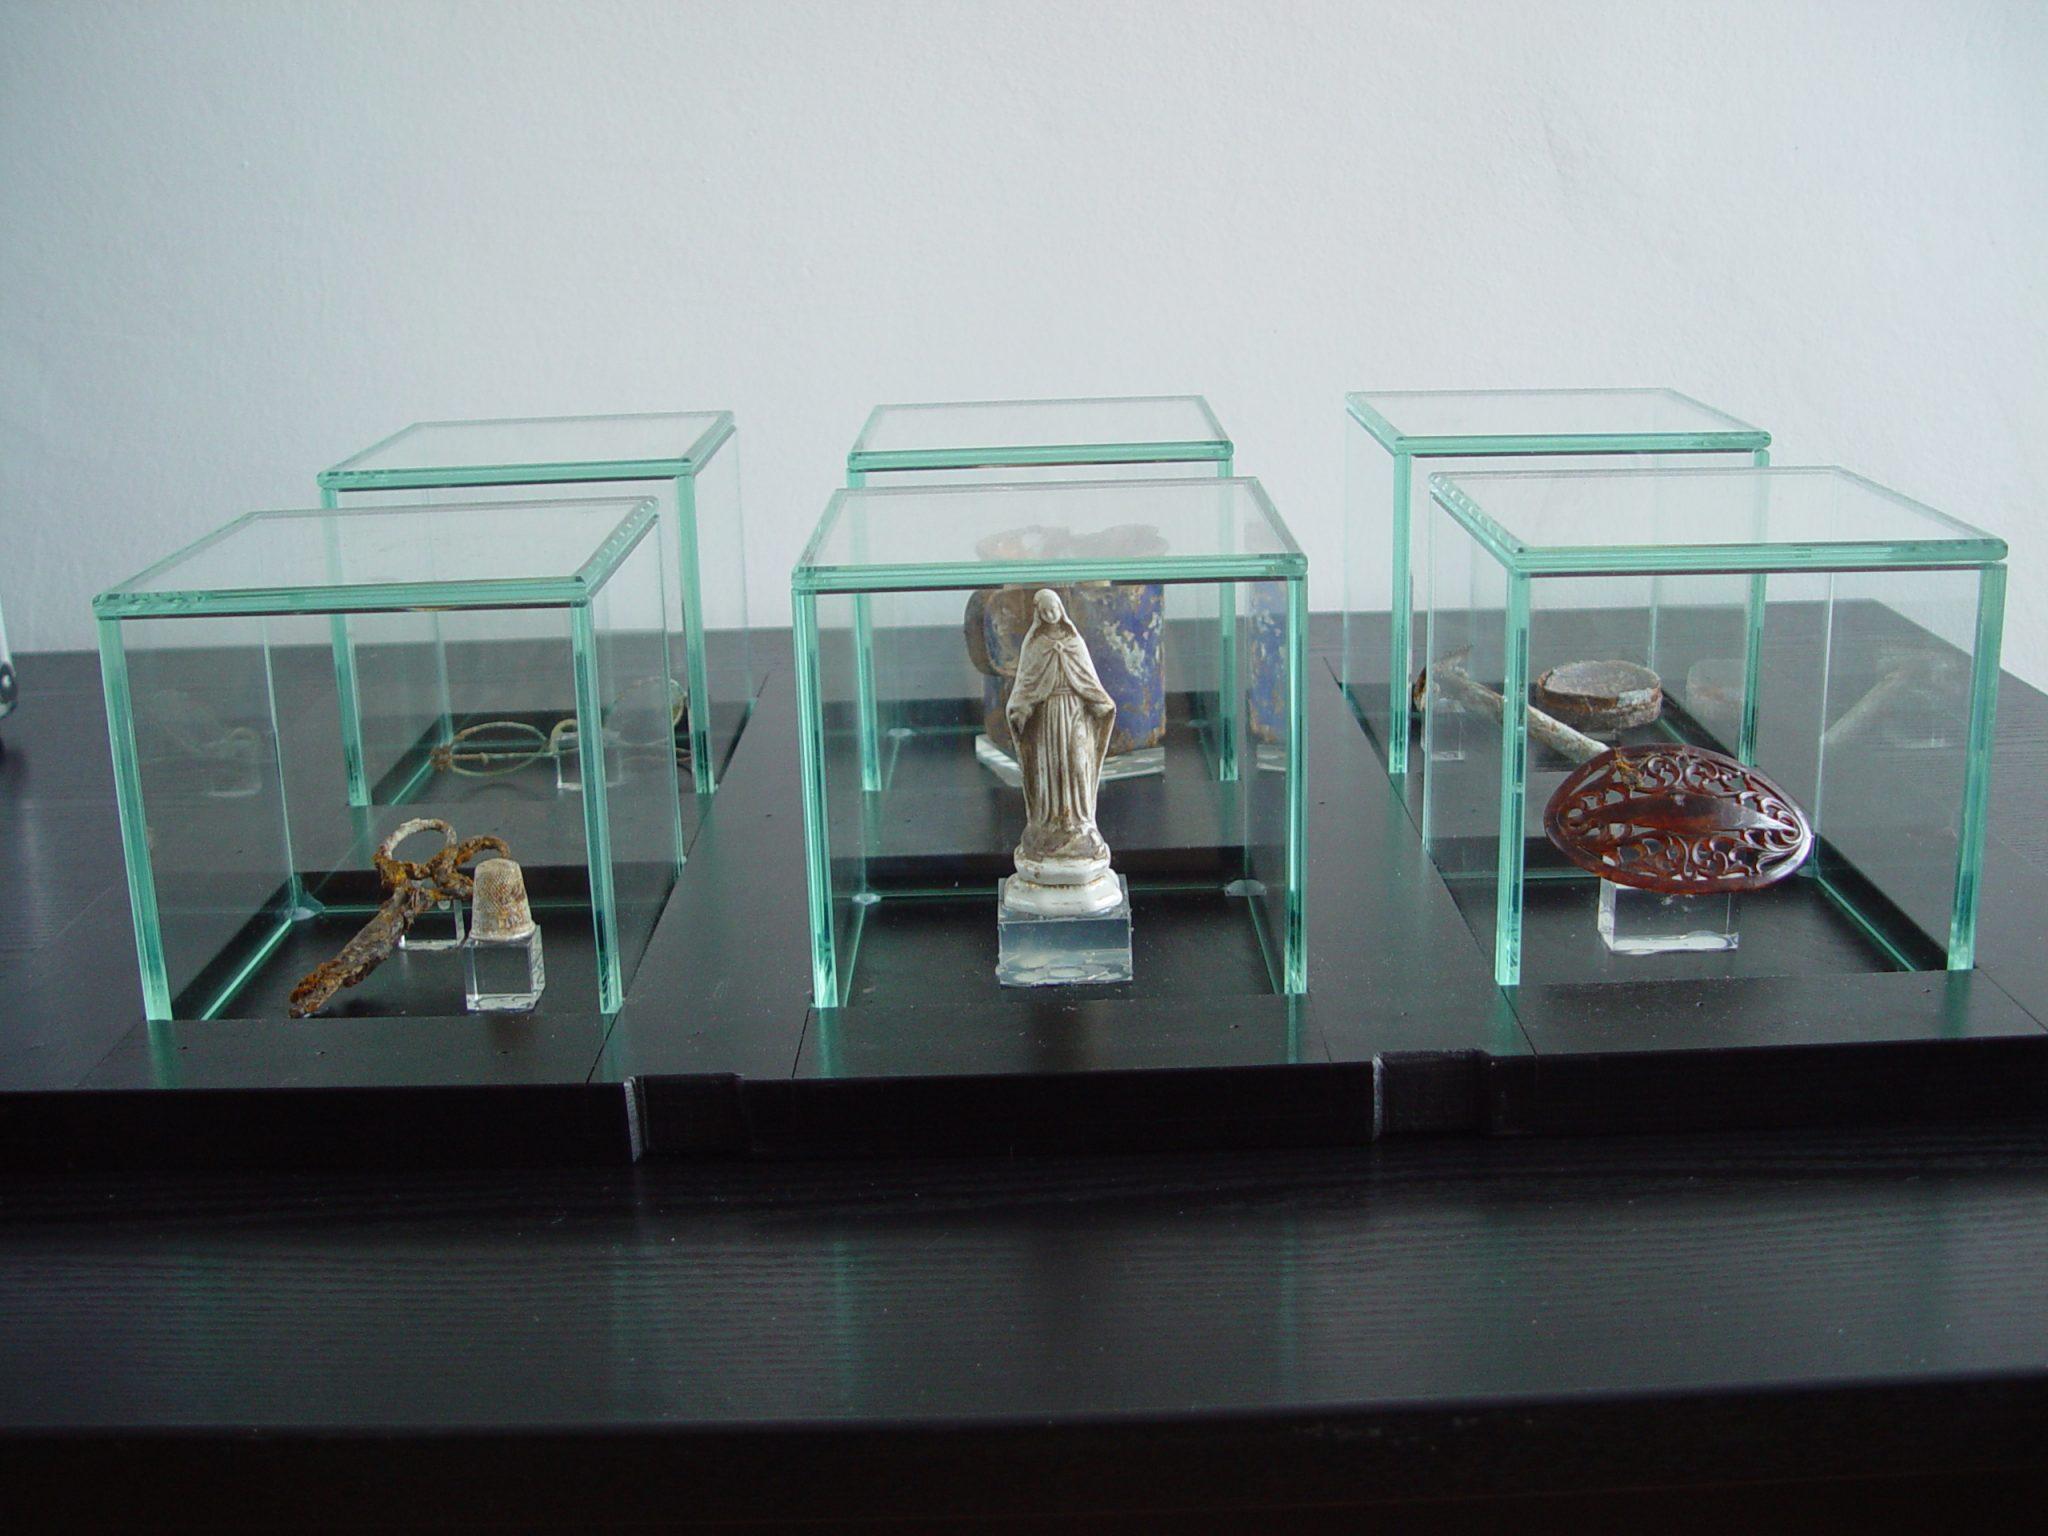 Outreach Koffer Vitrineneinsatz. Objekte der Opfer: Schere, Fingerhut, Madonnenstatuette, Haarspange im Vordergrund.